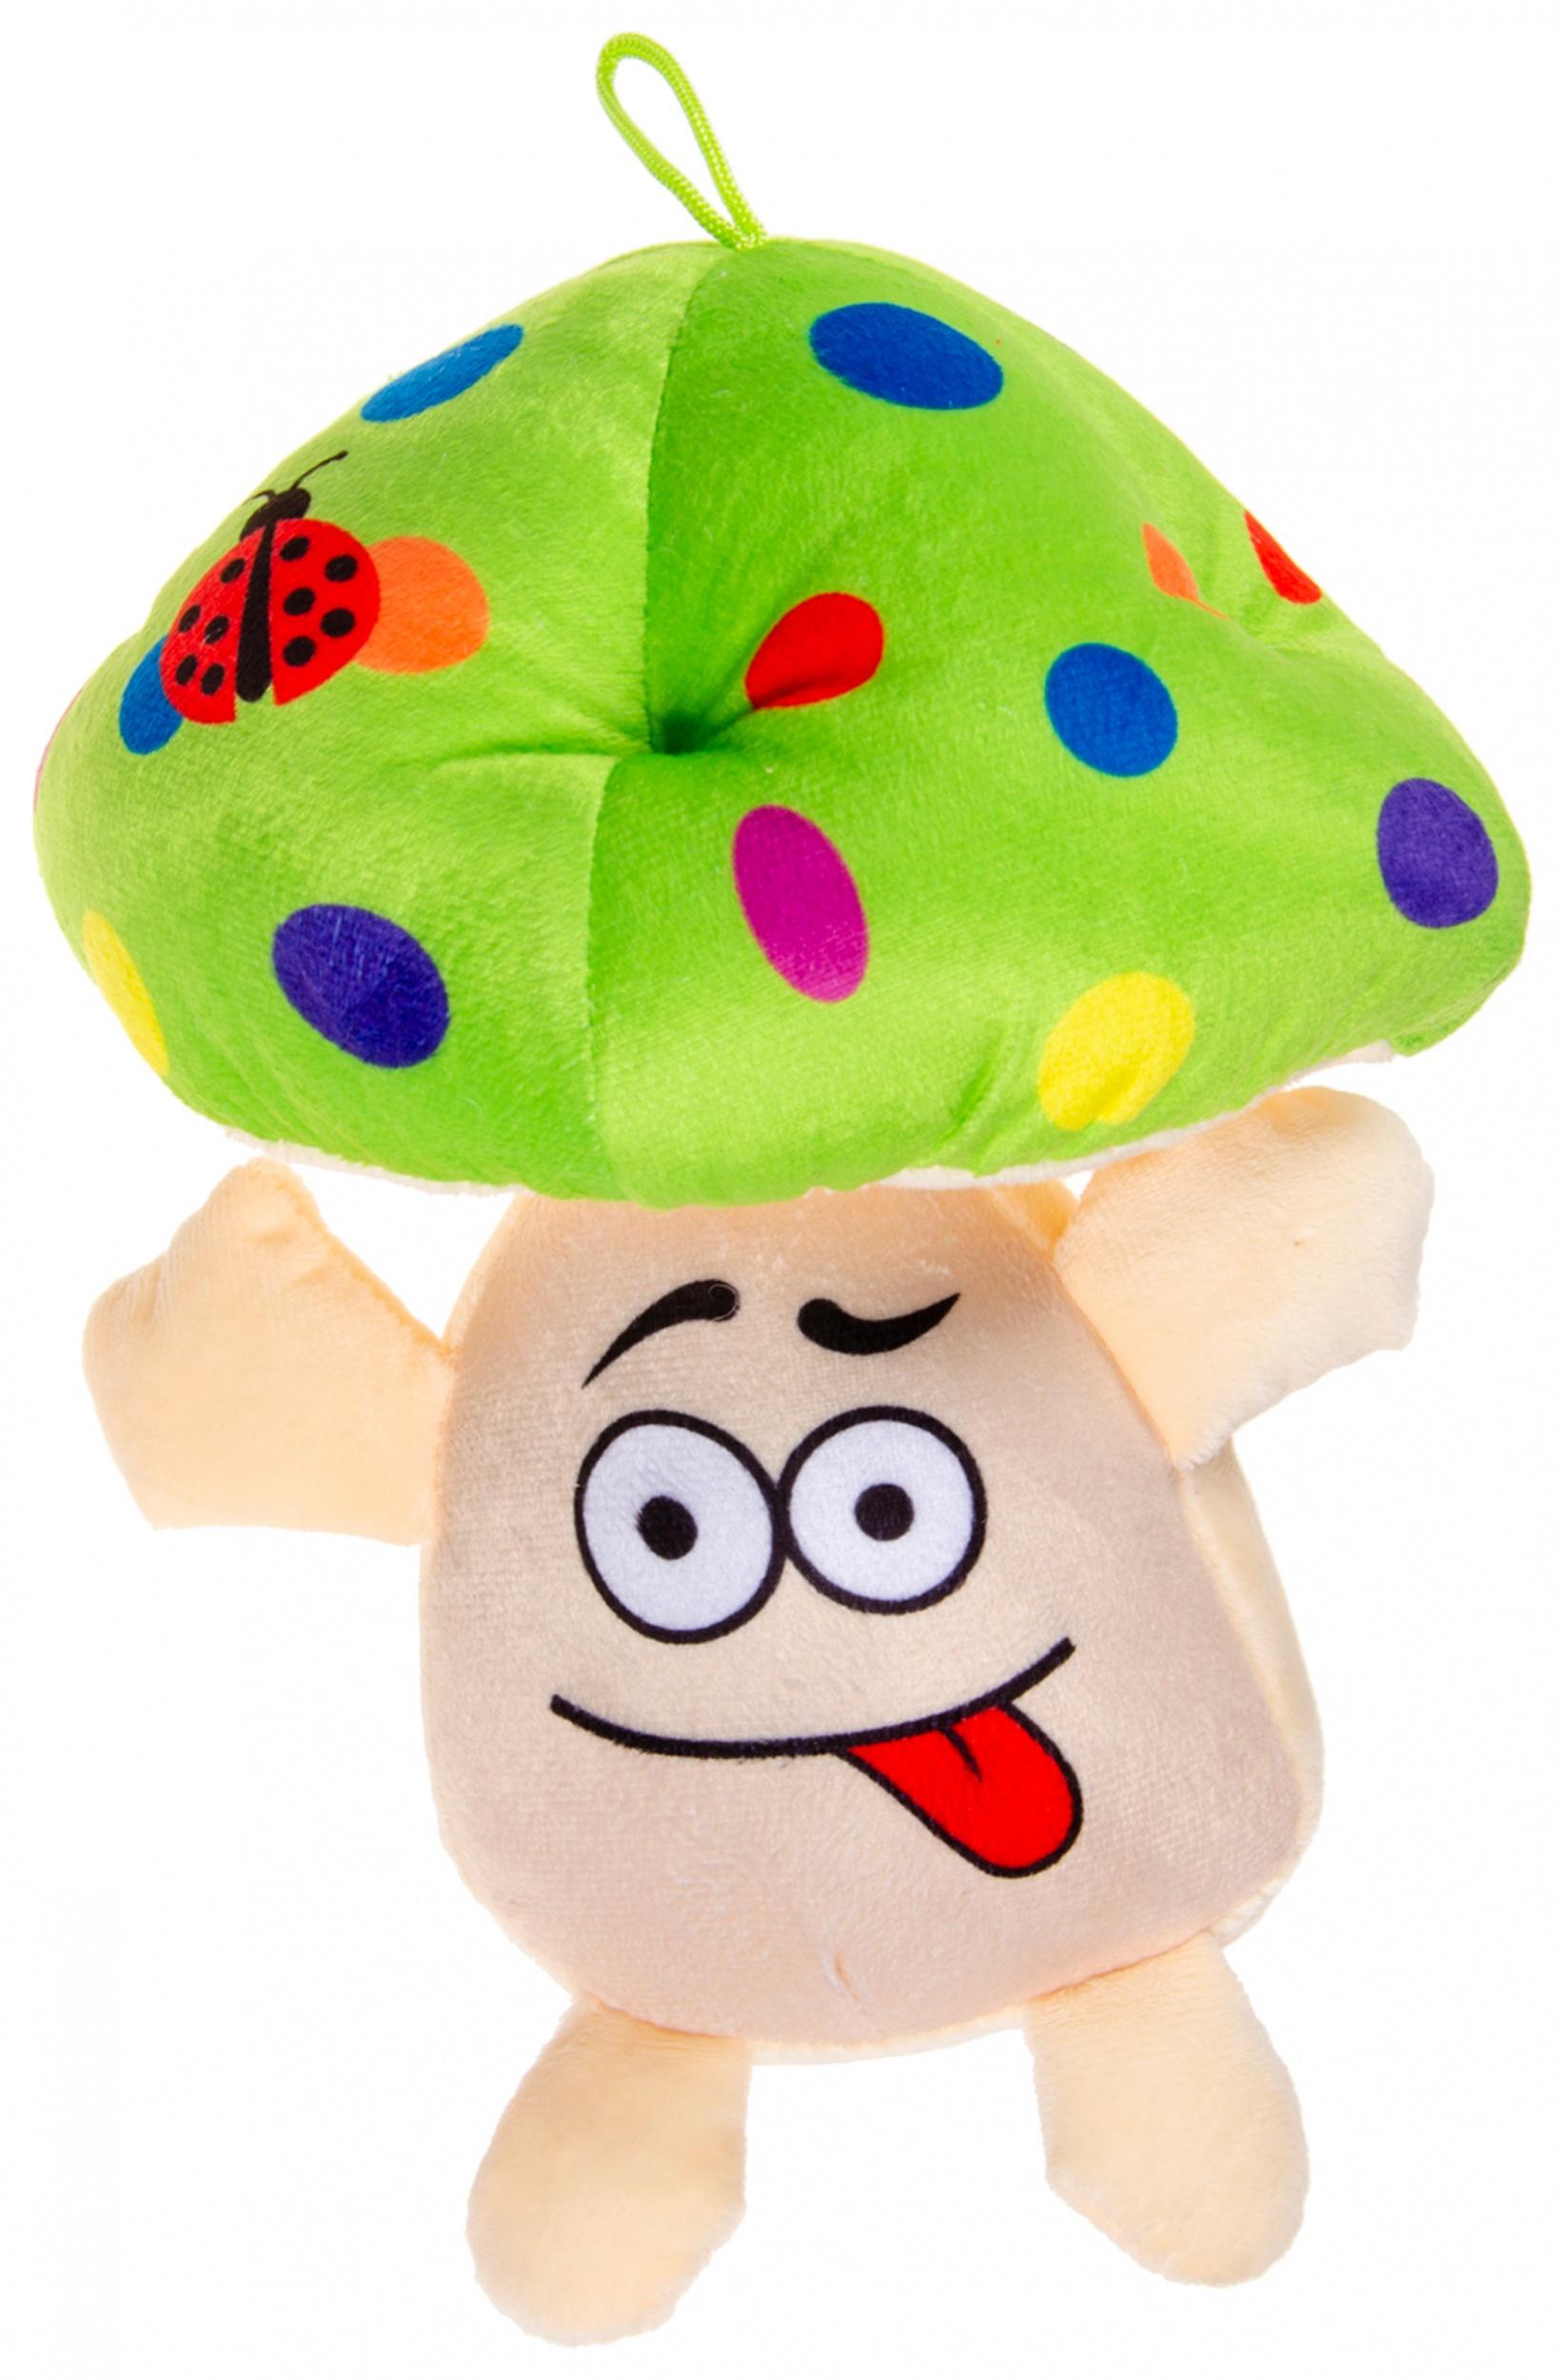 Lg Imports Cuddly Toy Mushroom 26 Cm